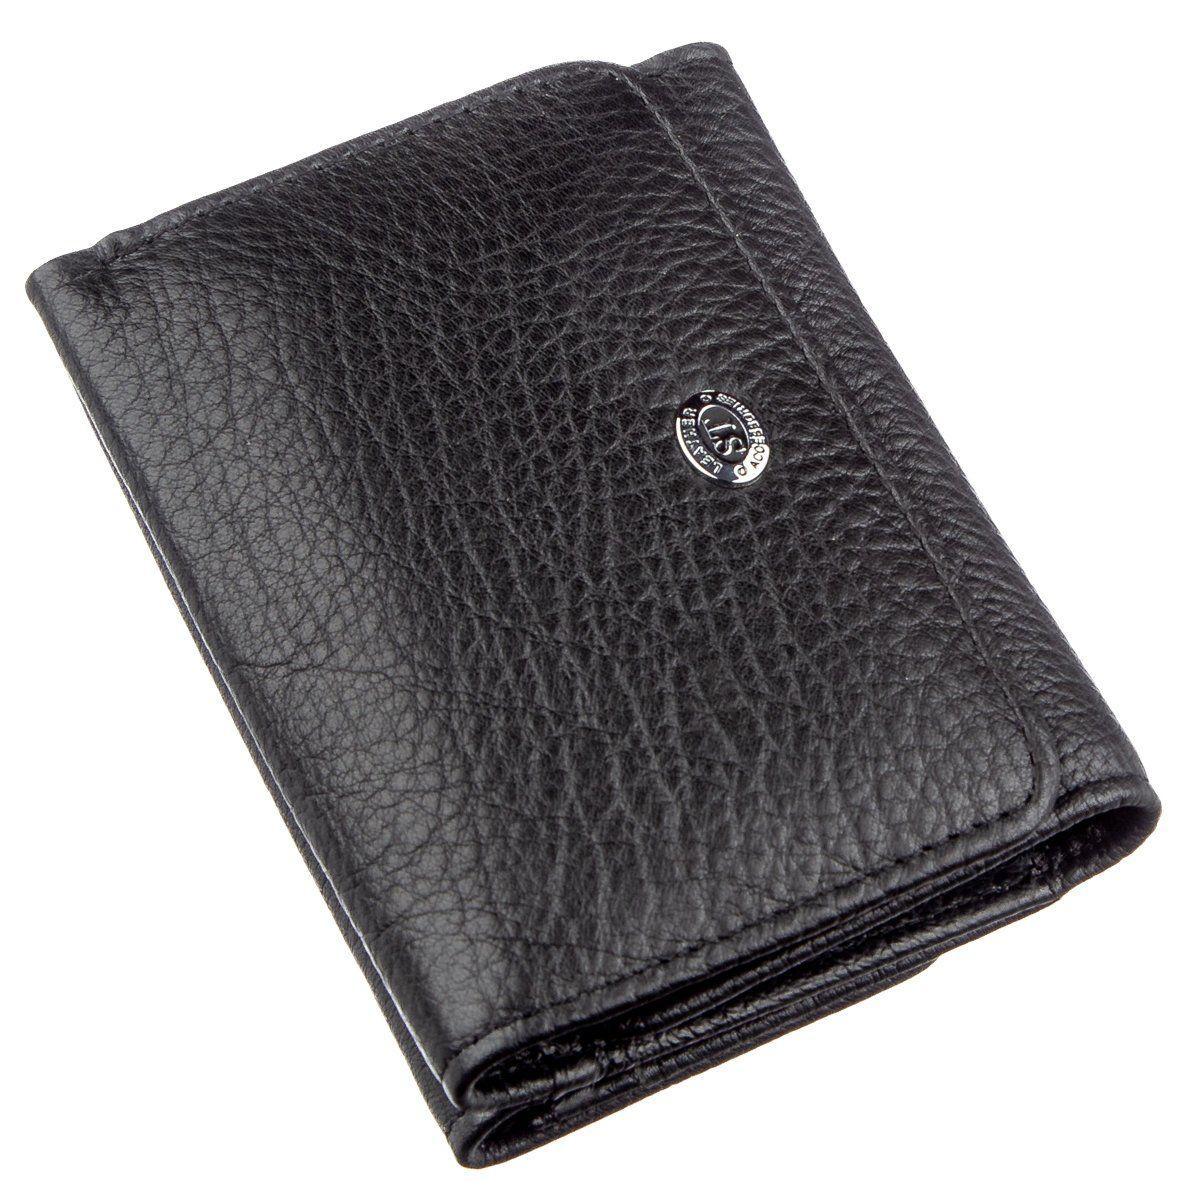 Кошелек для женщин из кожи ST Leather 18886 Черный, Черный